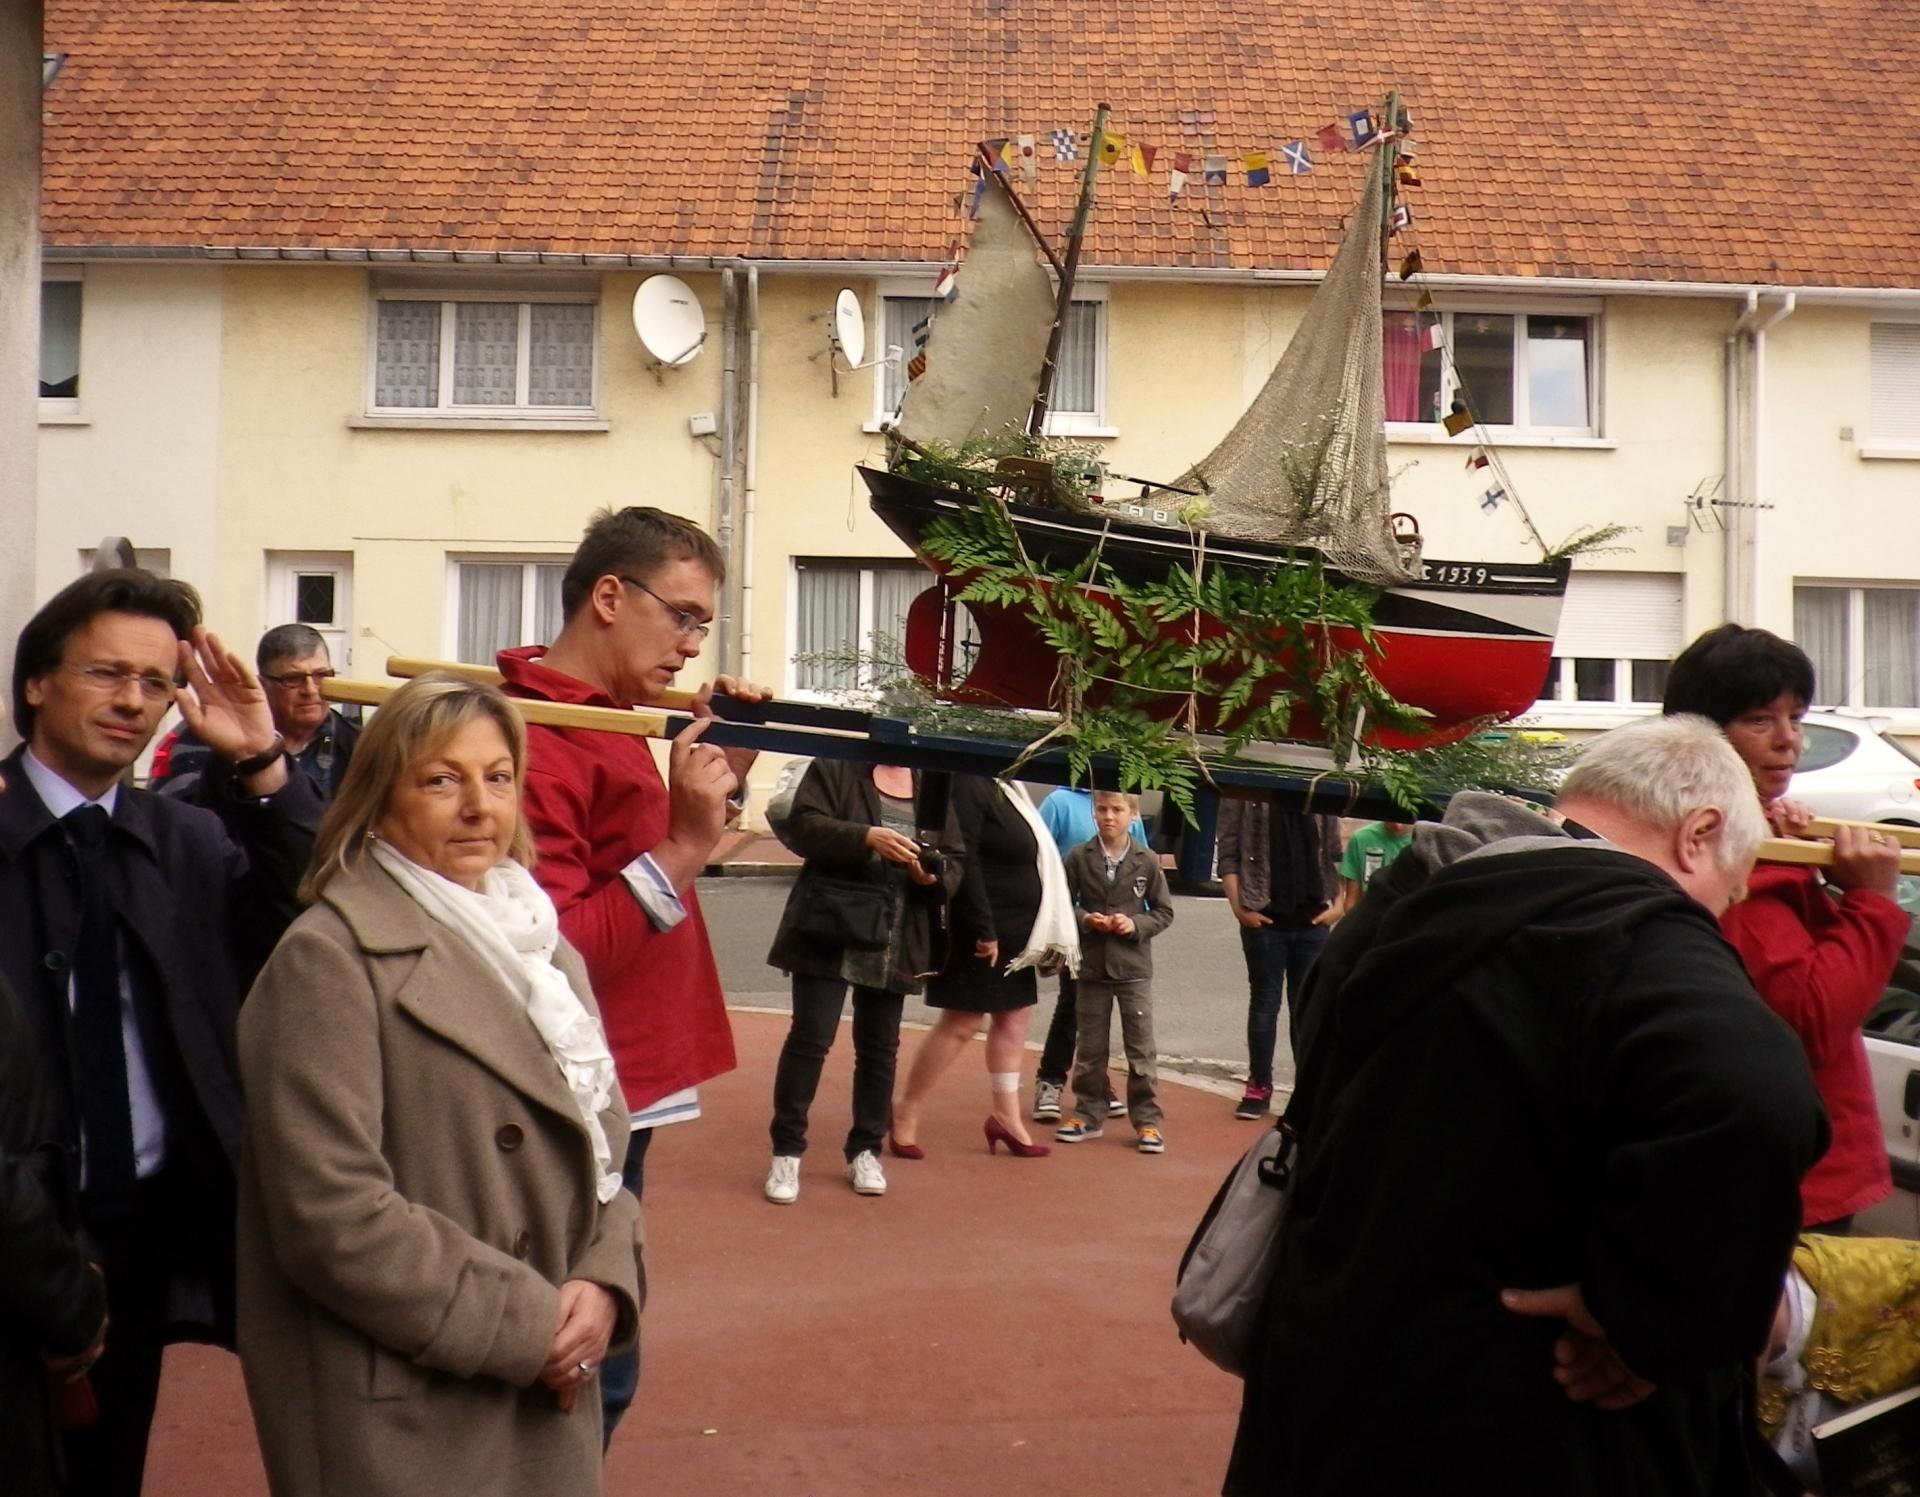 Calais benediction de la mer natacha bouchart et les elus prennent part au cortege